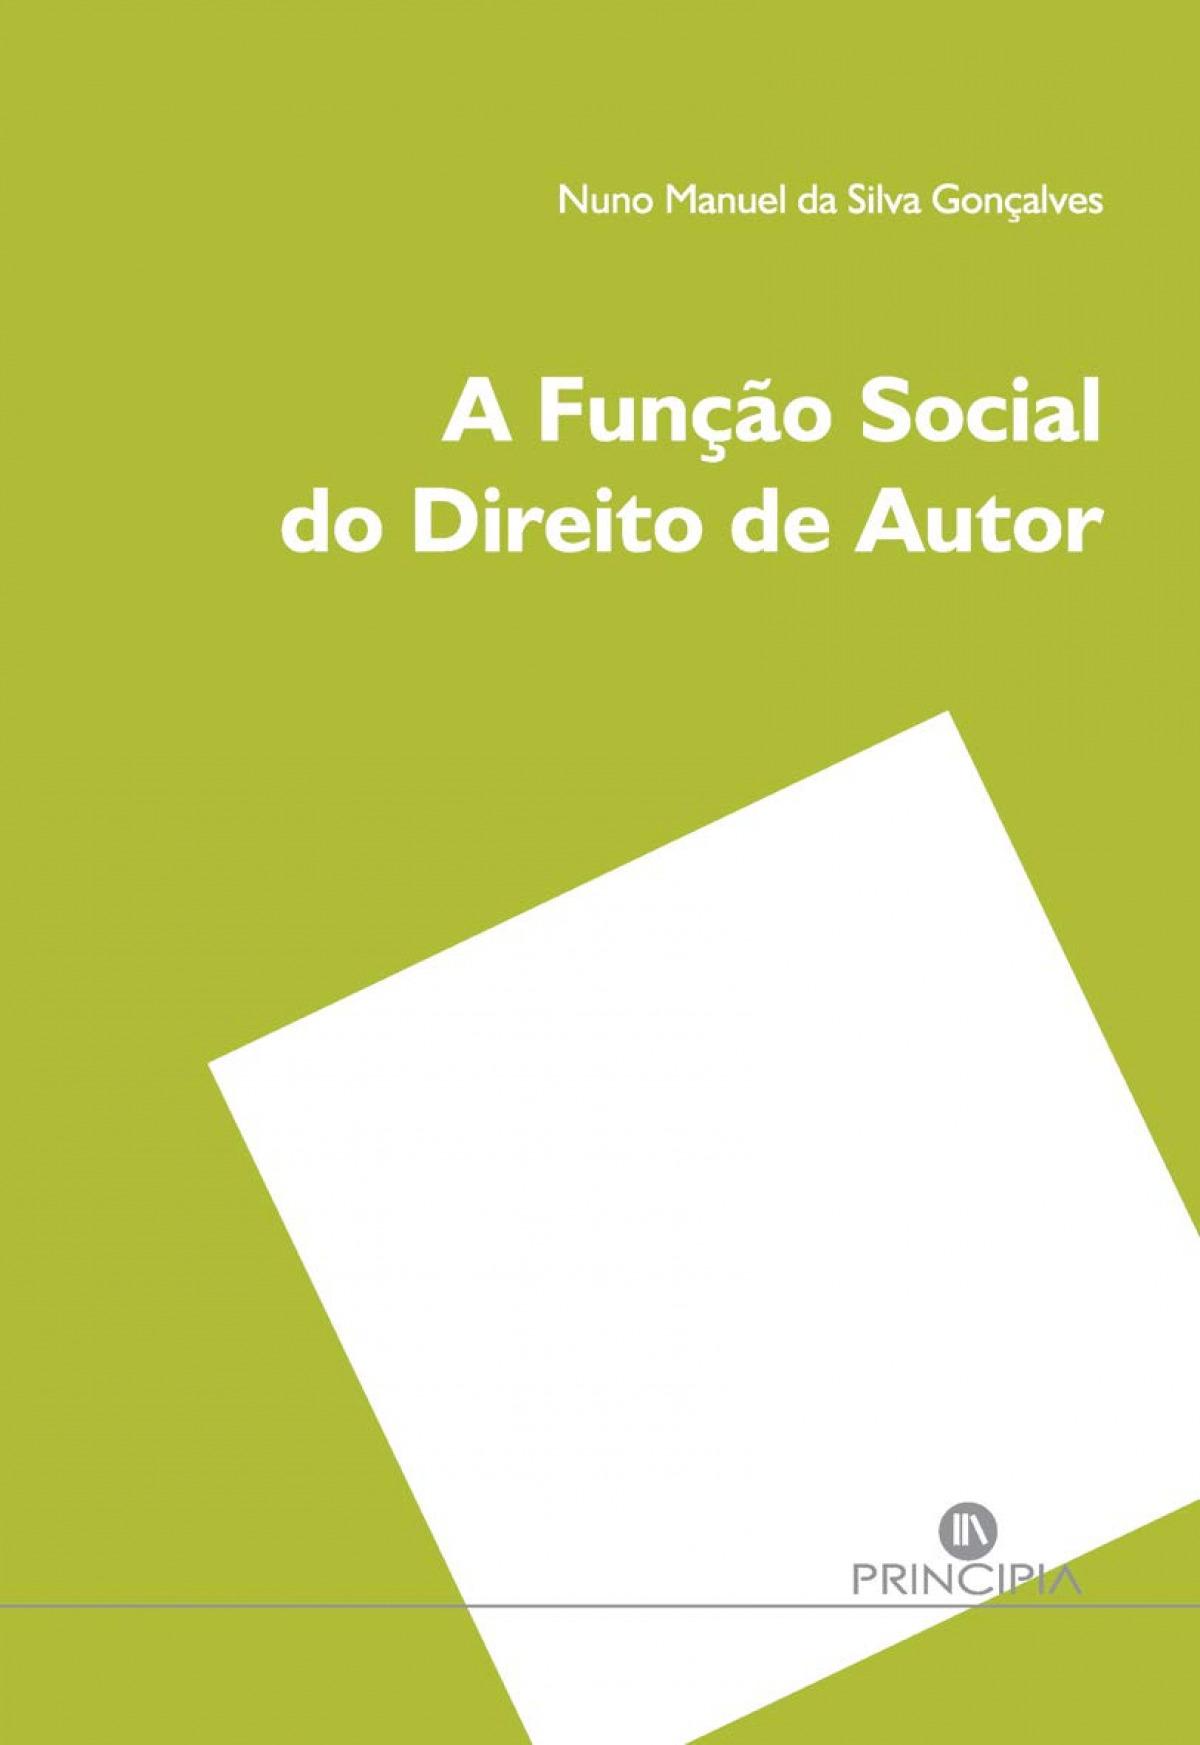 A FUNÇÃO SOCIAL DO DIREITO DE AUTOR 9789897161766